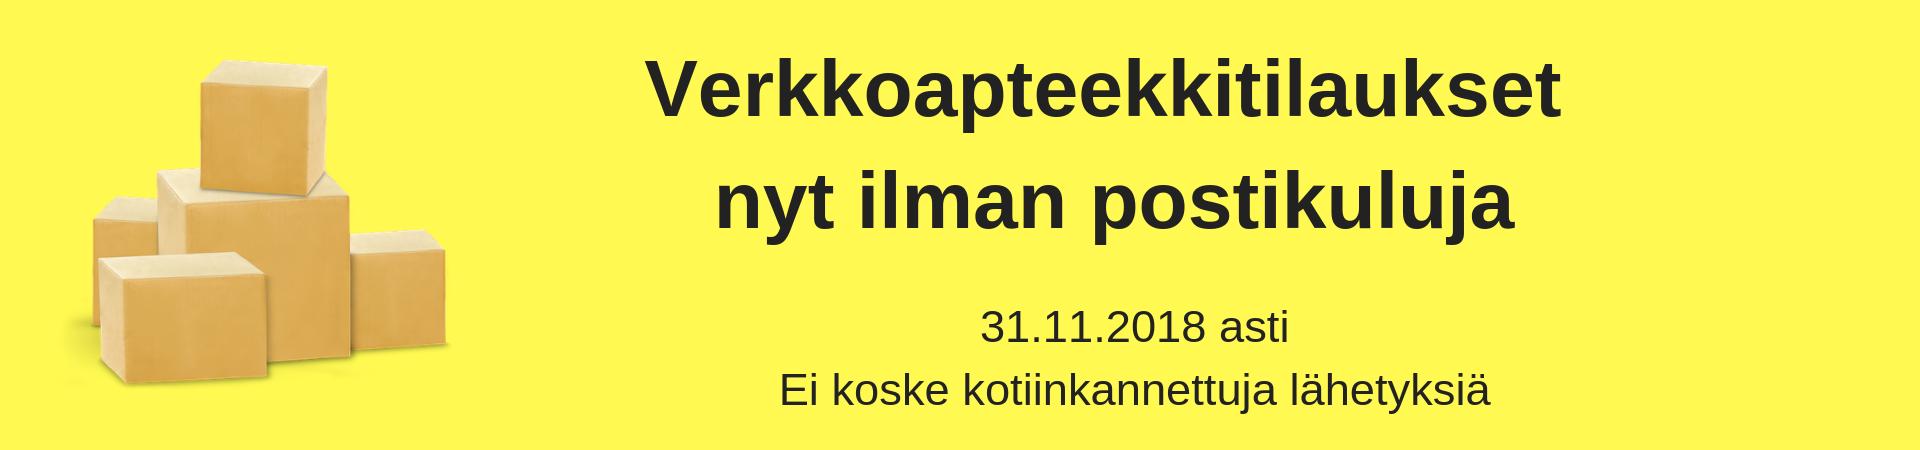 Verkkoapteekin ilmainen toimitus marraskuun loppuun 30.11.2018 asti